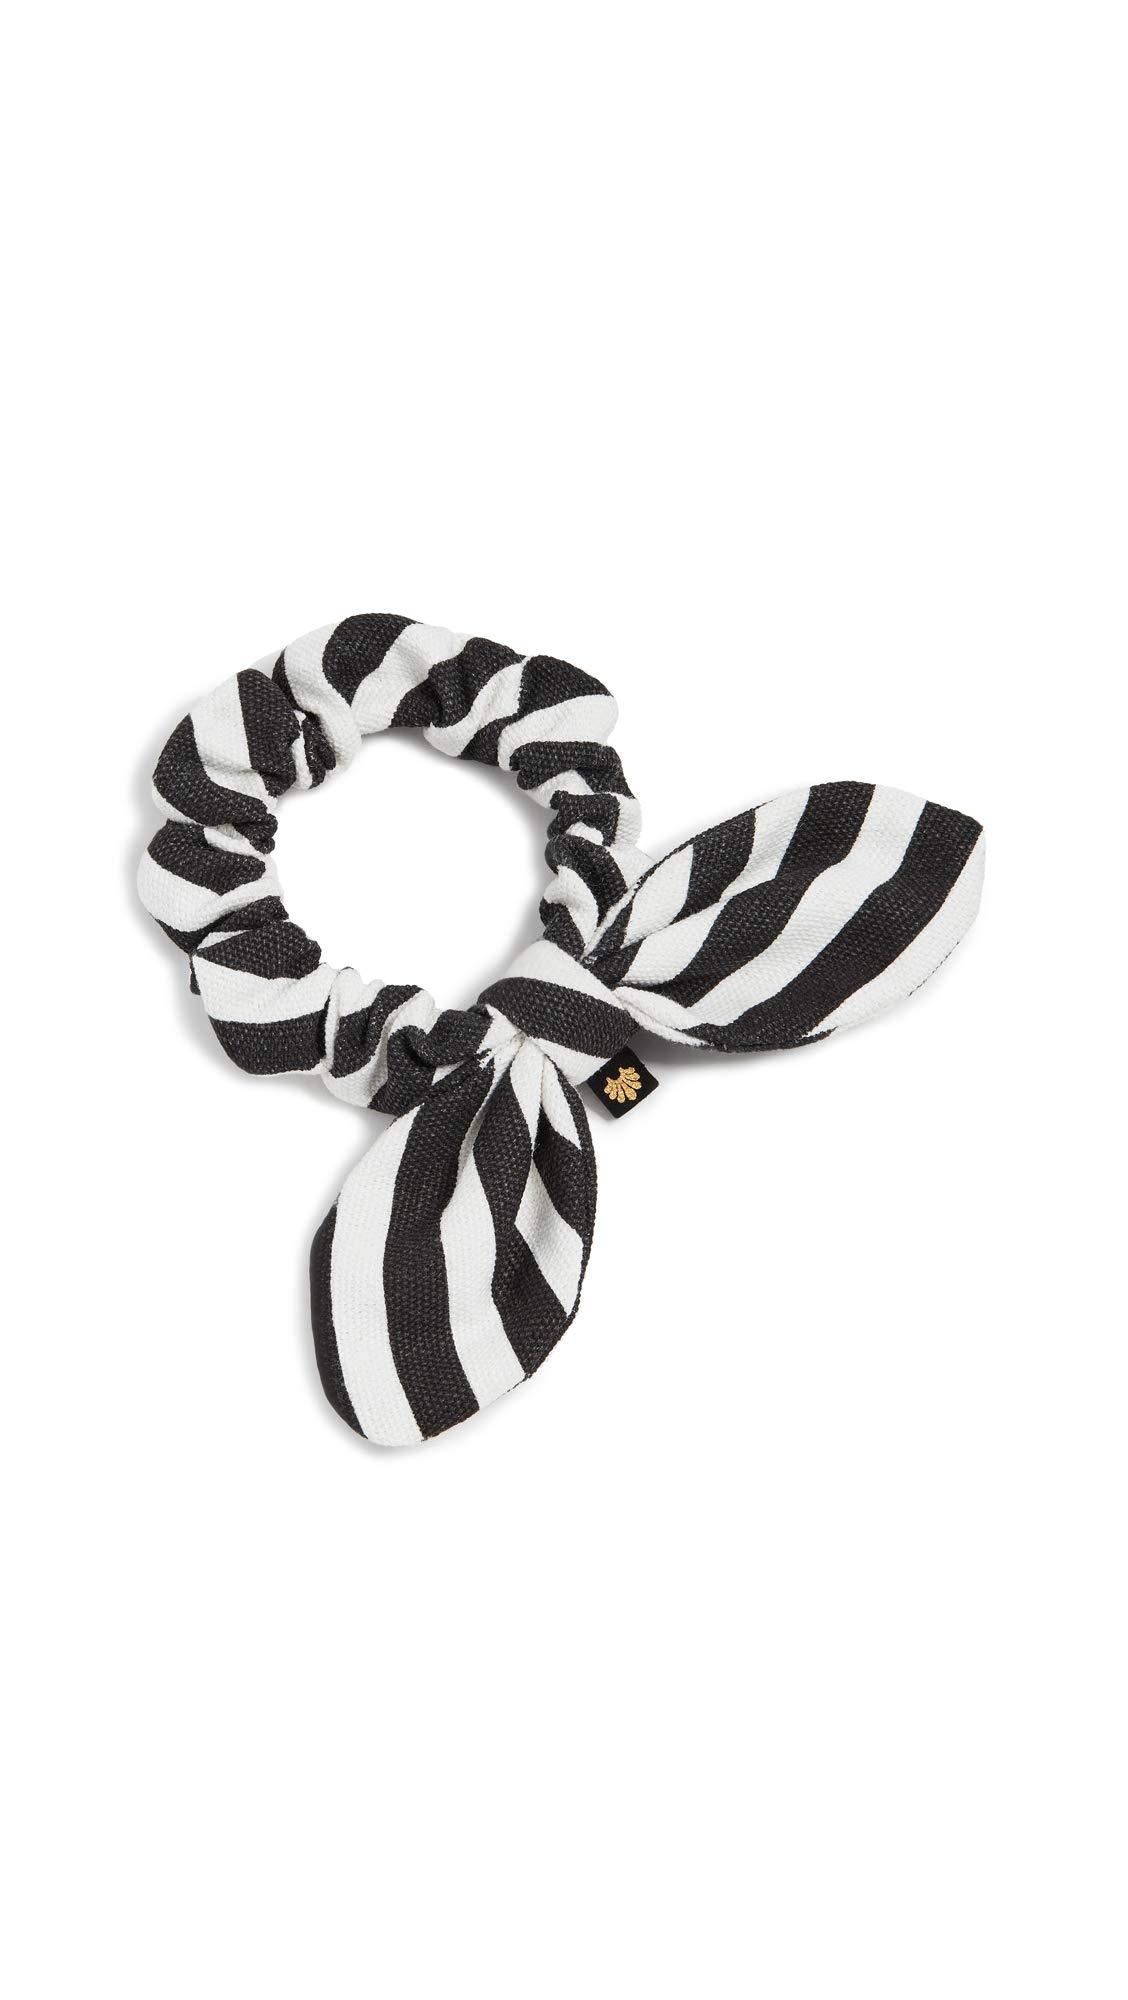 Lele Sadoughi Women's Striped Scrunchie, Black/White, One Size